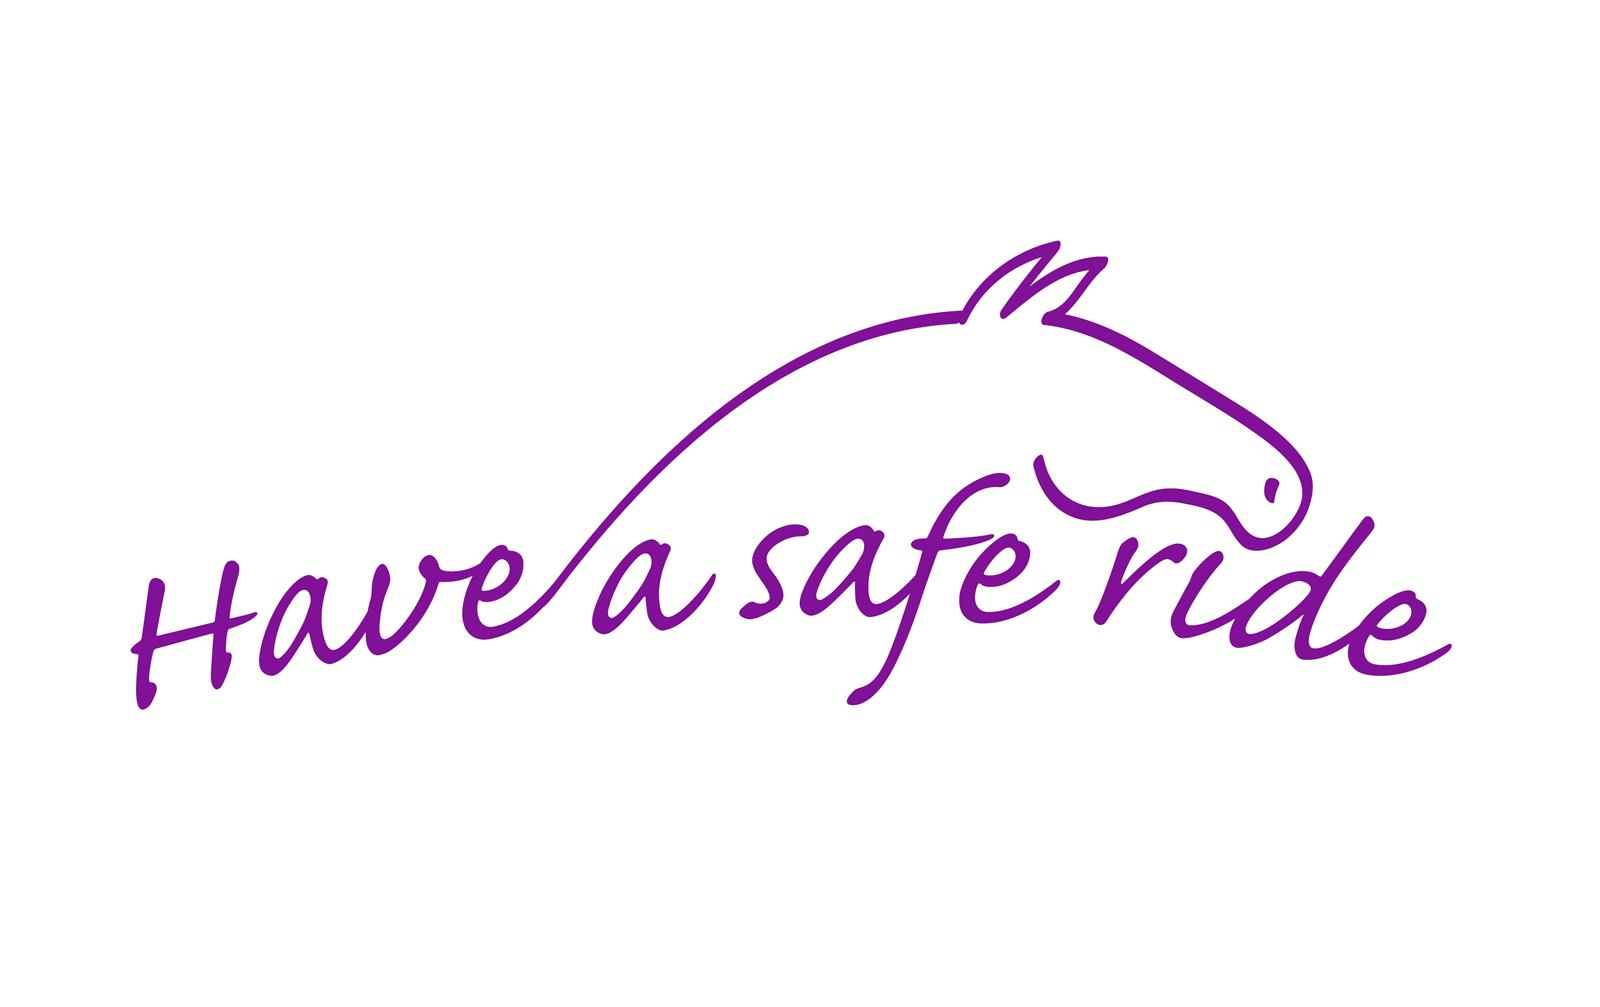 'Have a safe ride', een logo-voorstel voor Help-paardenartikelen die nooit in gebruik is genomen